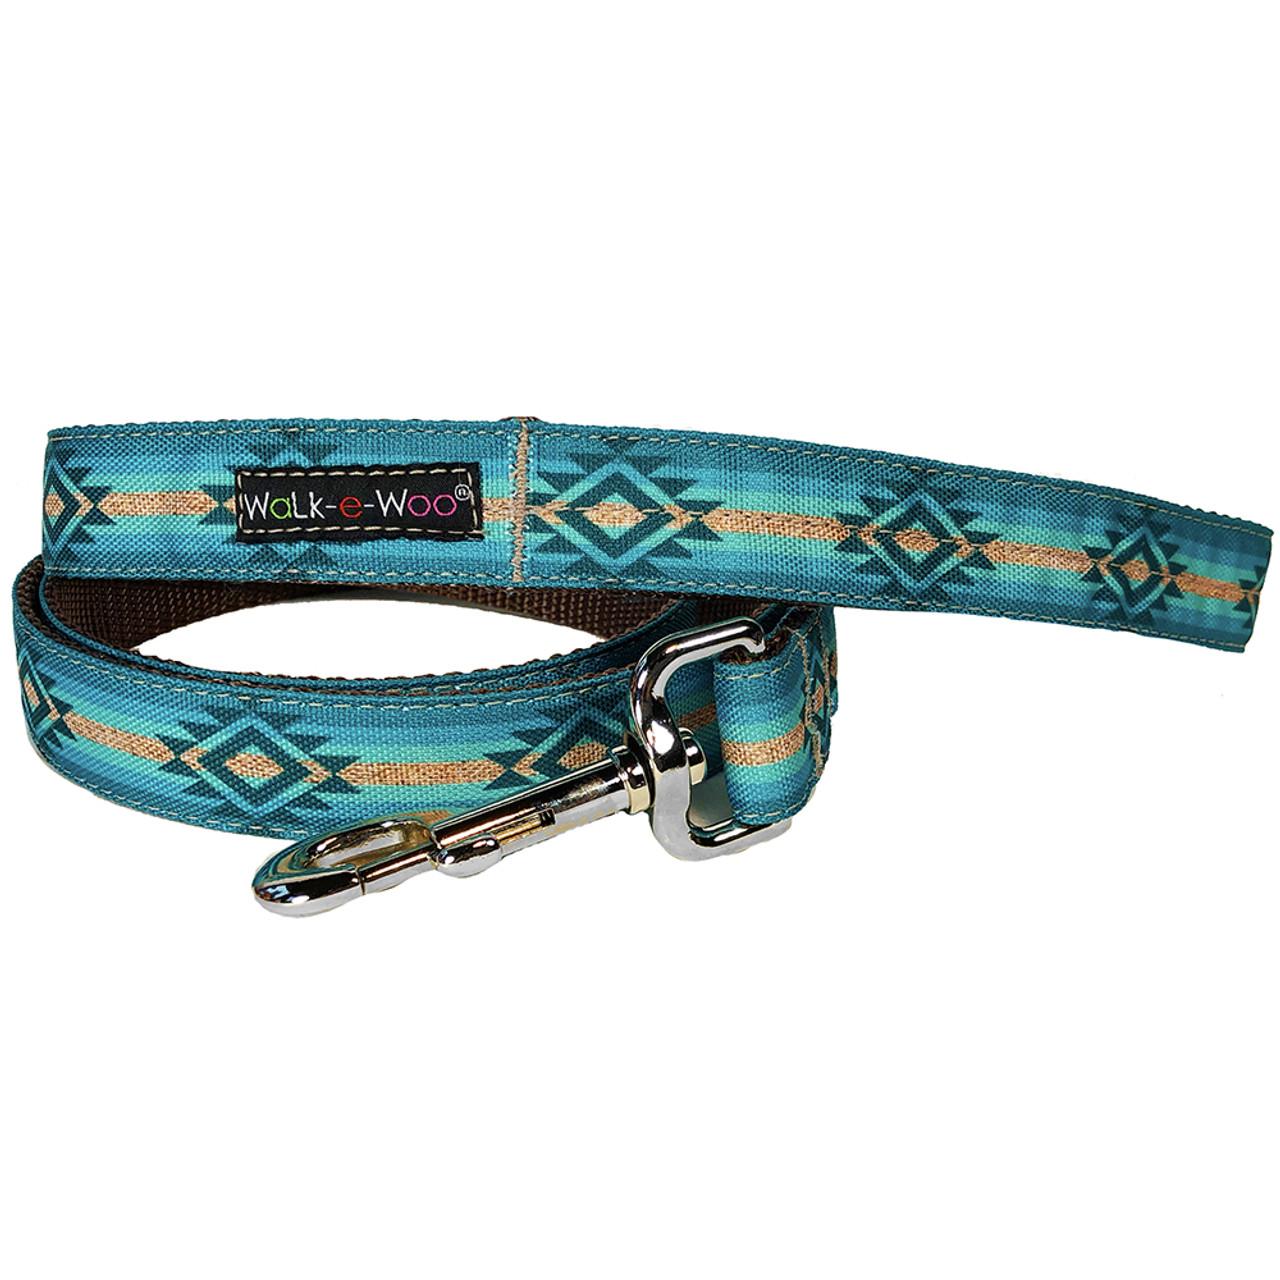 Walk-e-Woo Turquoise Sky Dog Leash